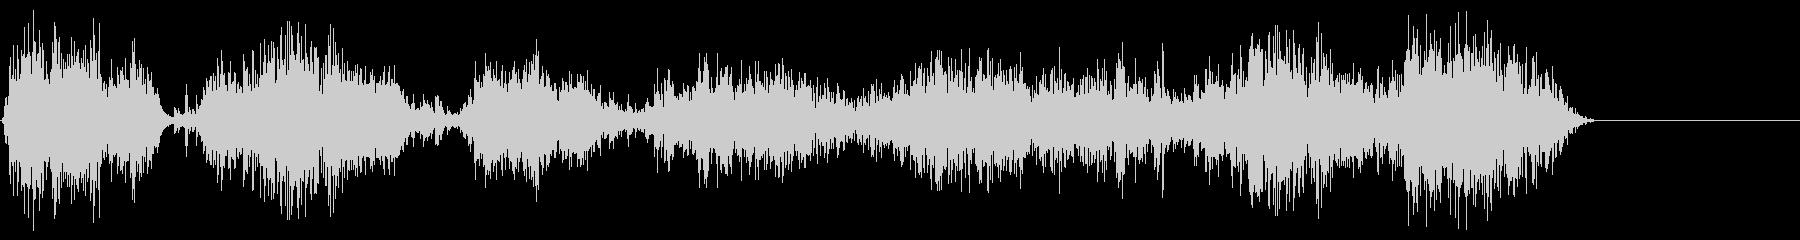 チェーンラトル;チェーンの動きに沿...の未再生の波形